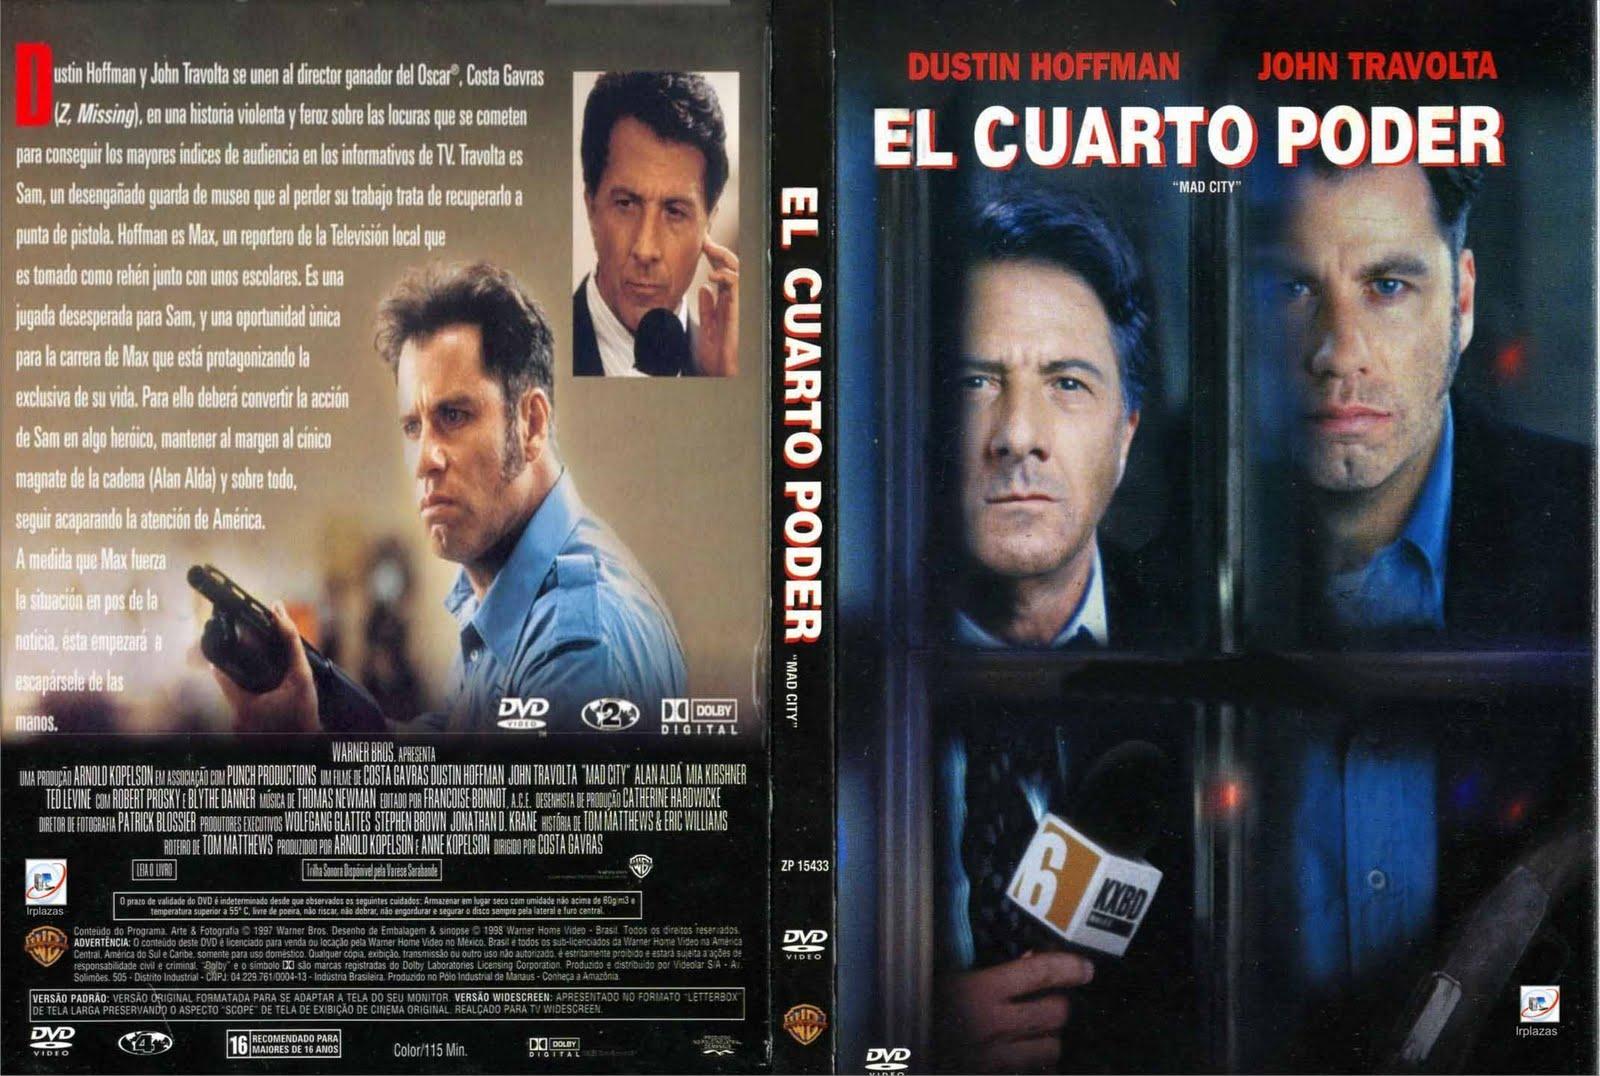 CINEFILOS2000: El cuarto poder (1998)